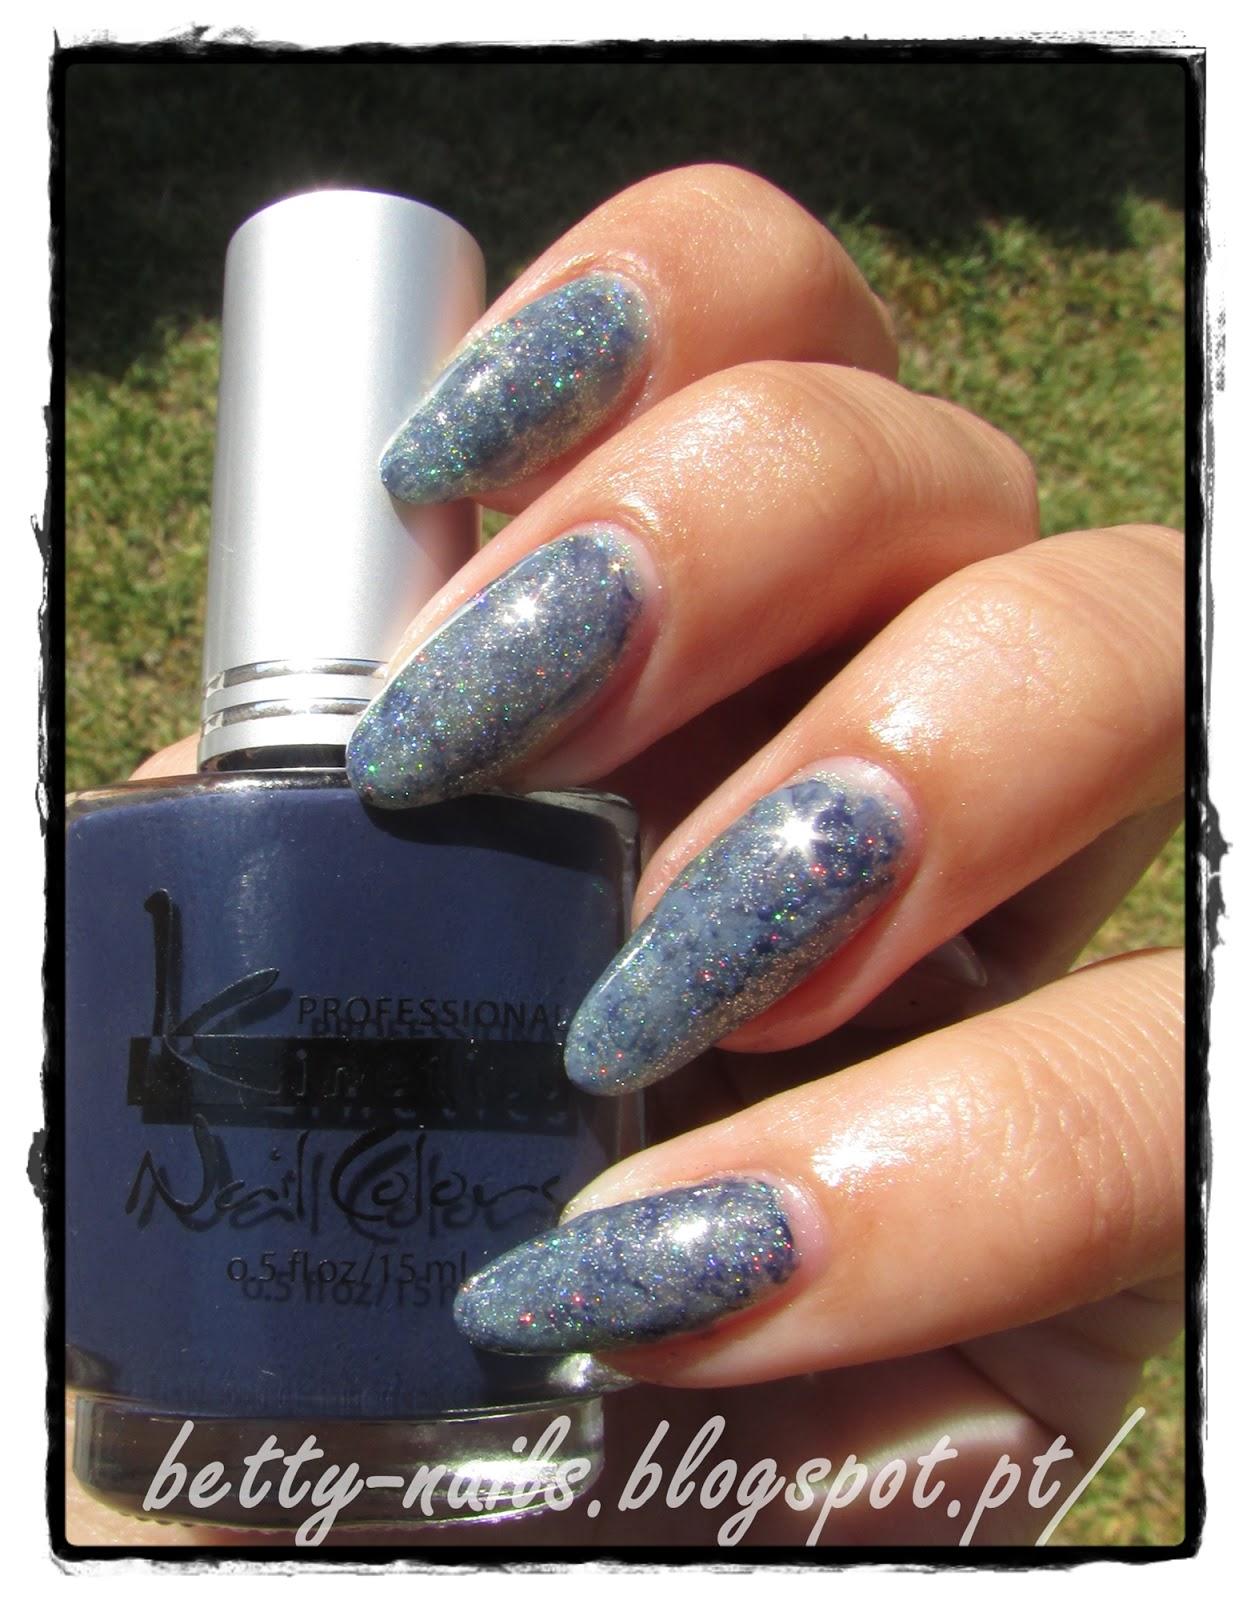 Saran Wrap Nail Design